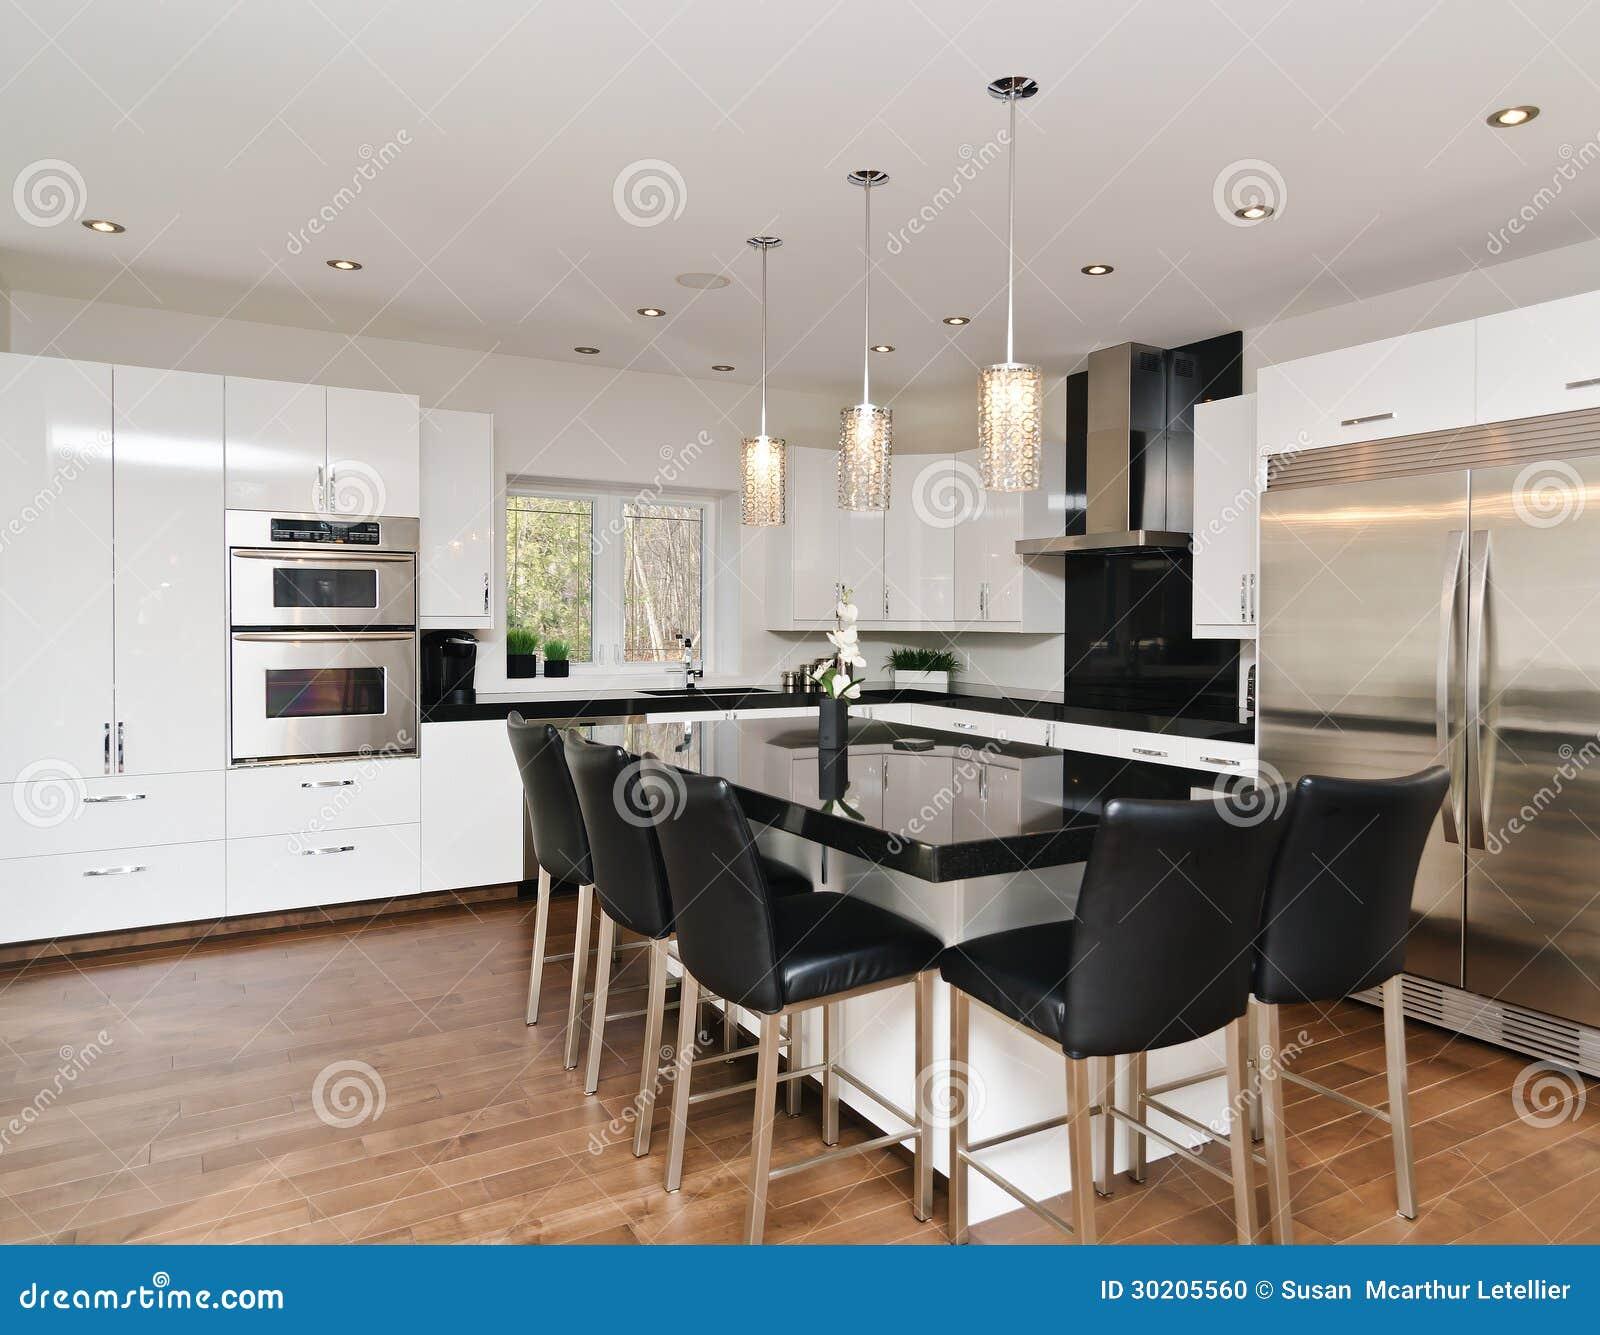 Modern Contemporary White Kitchen